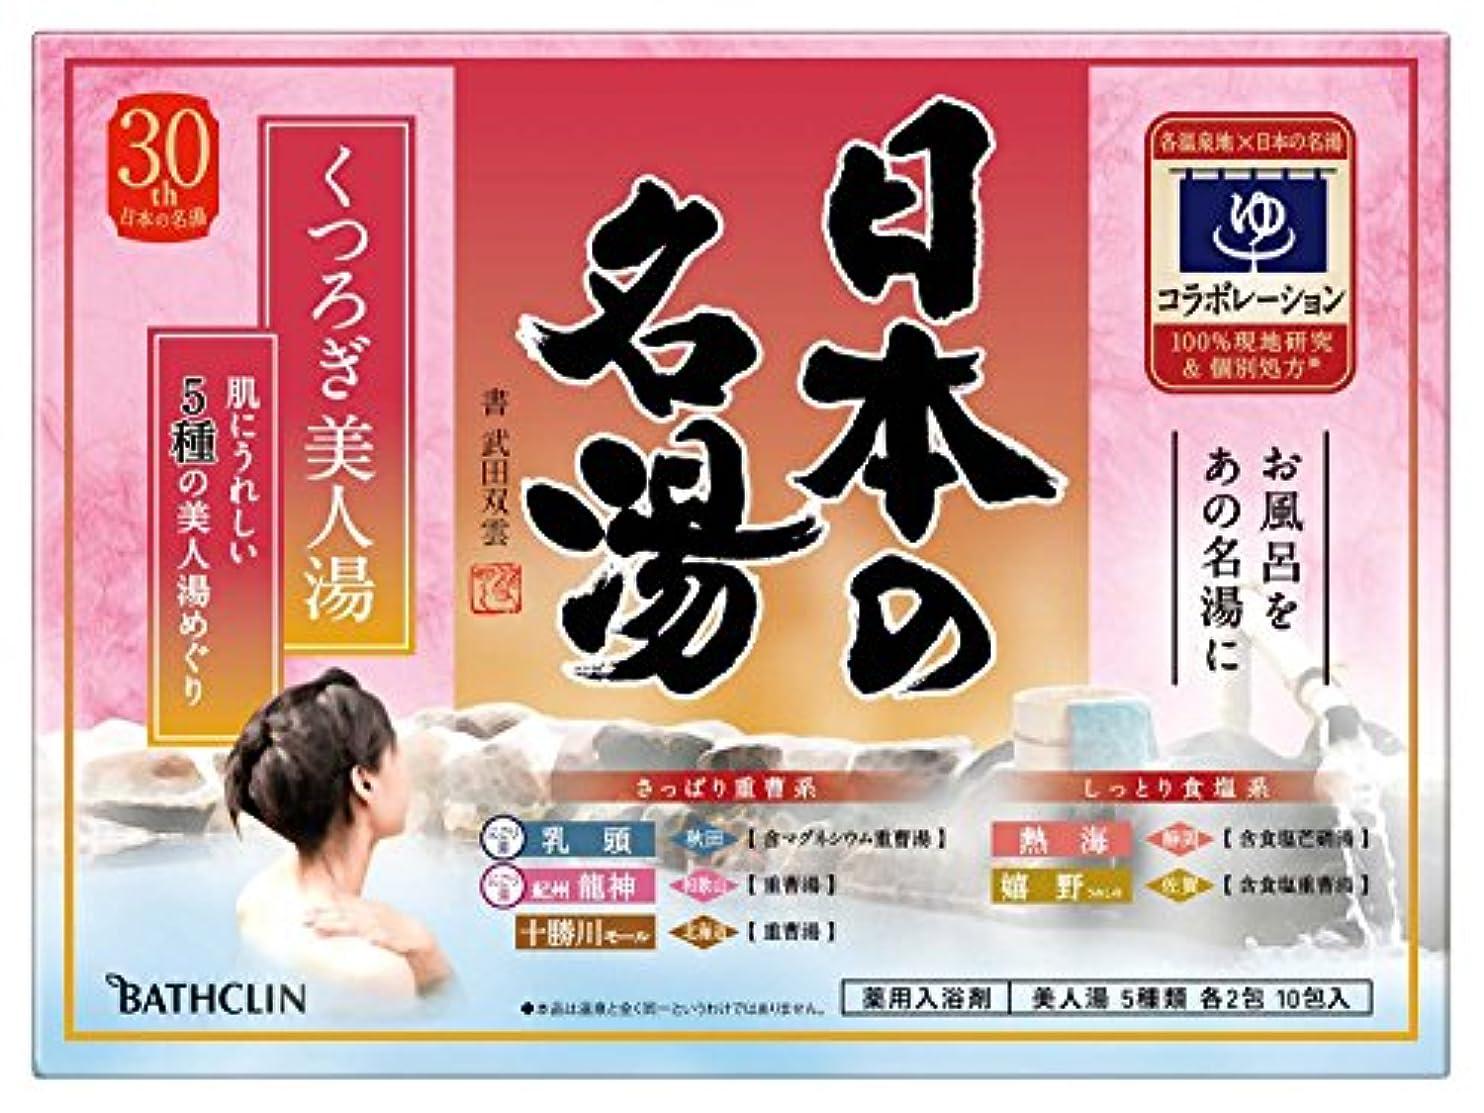 ファイル役立つ悪性腫瘍【医薬部外品】日本の名湯入浴剤 くつろぎ美人湯 30g ×10包 個包装 詰め合わせ 温泉タイプ